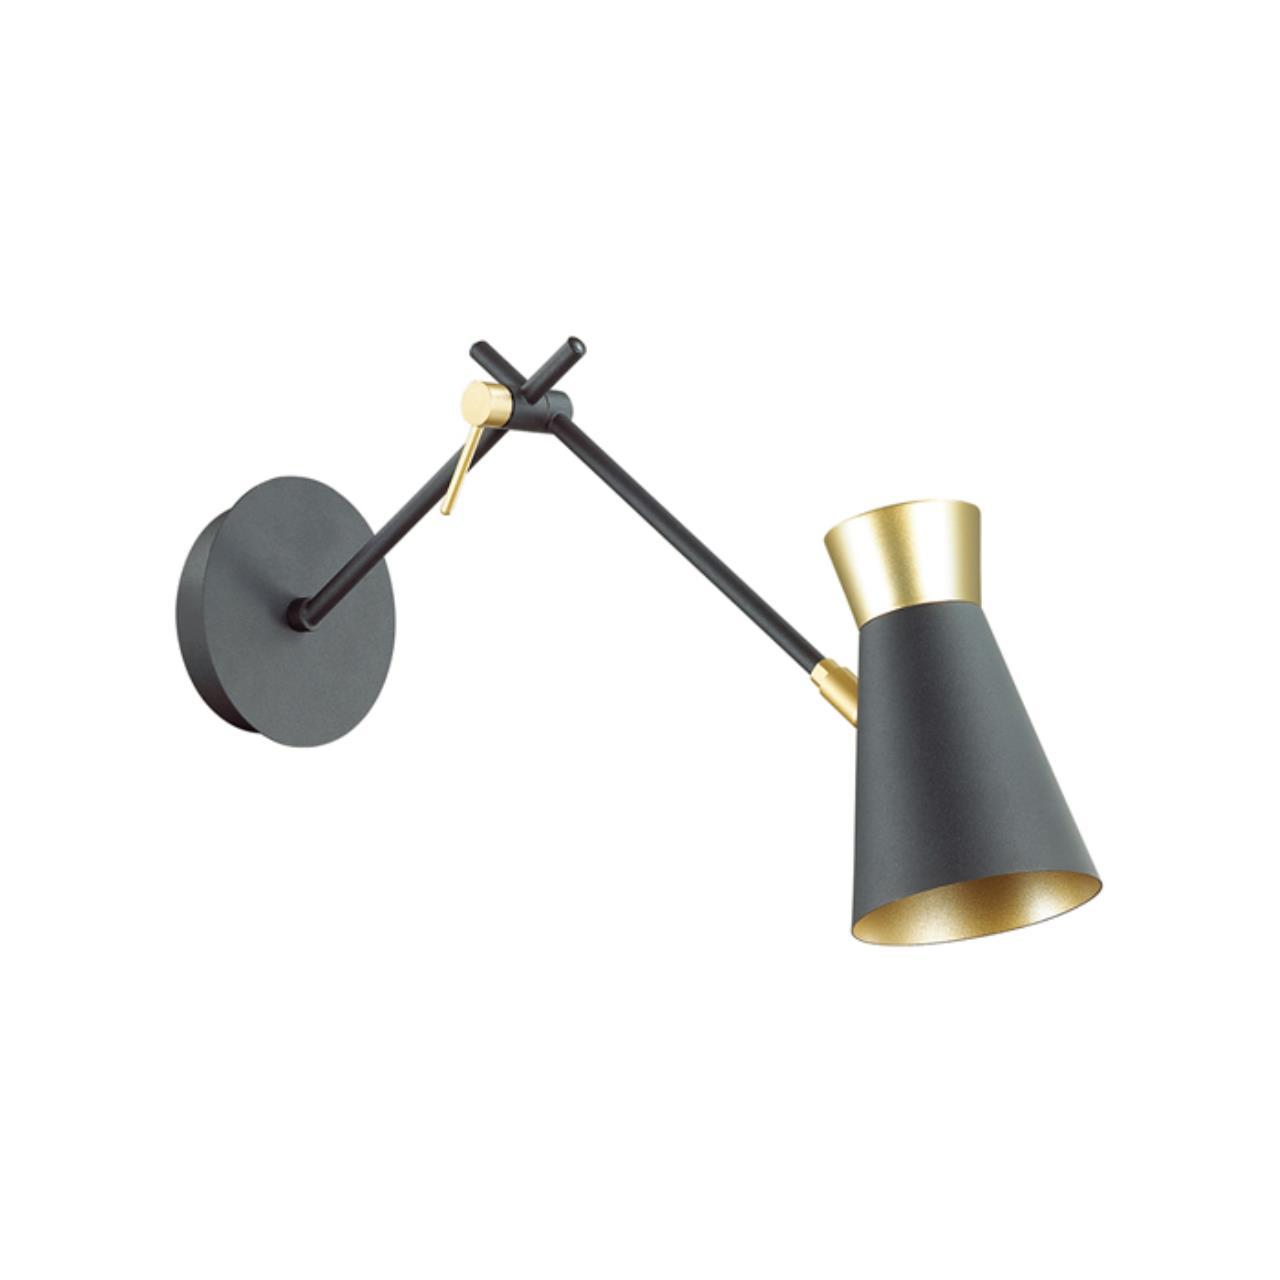 3790/1W LOFTI LN19 81 матовый черный, золотой Бра E14 1*40W 220V LIAM